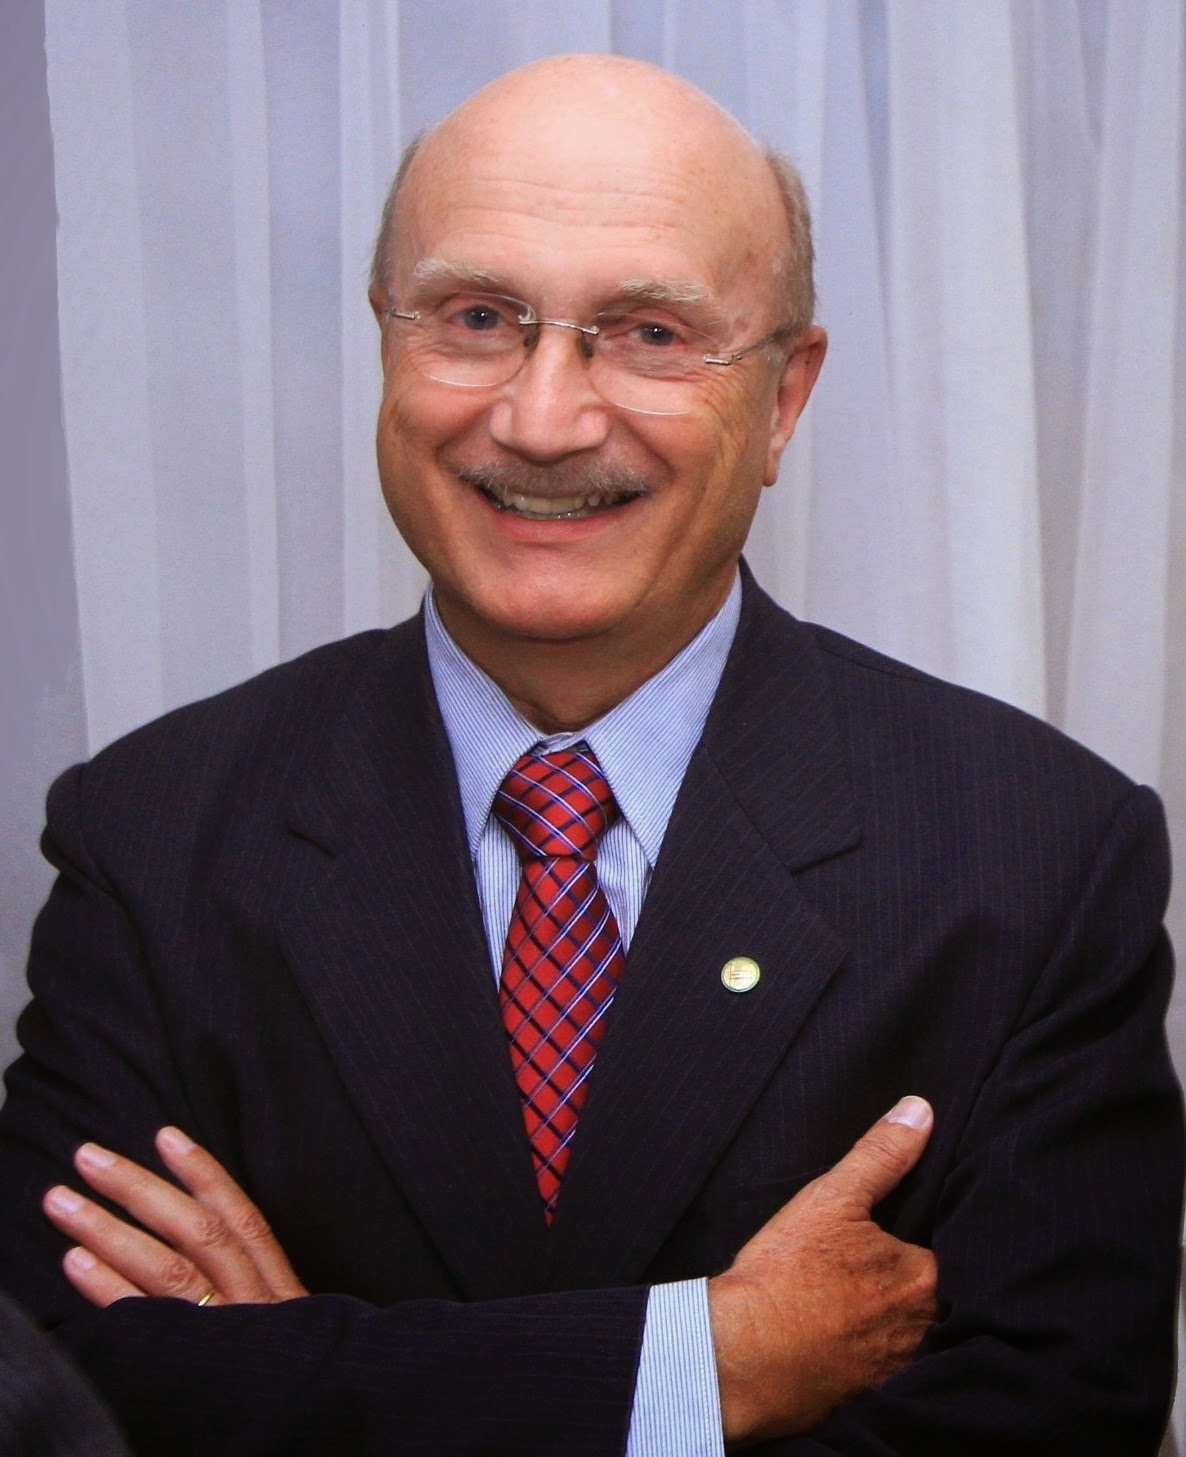 Osmar_Serraglio